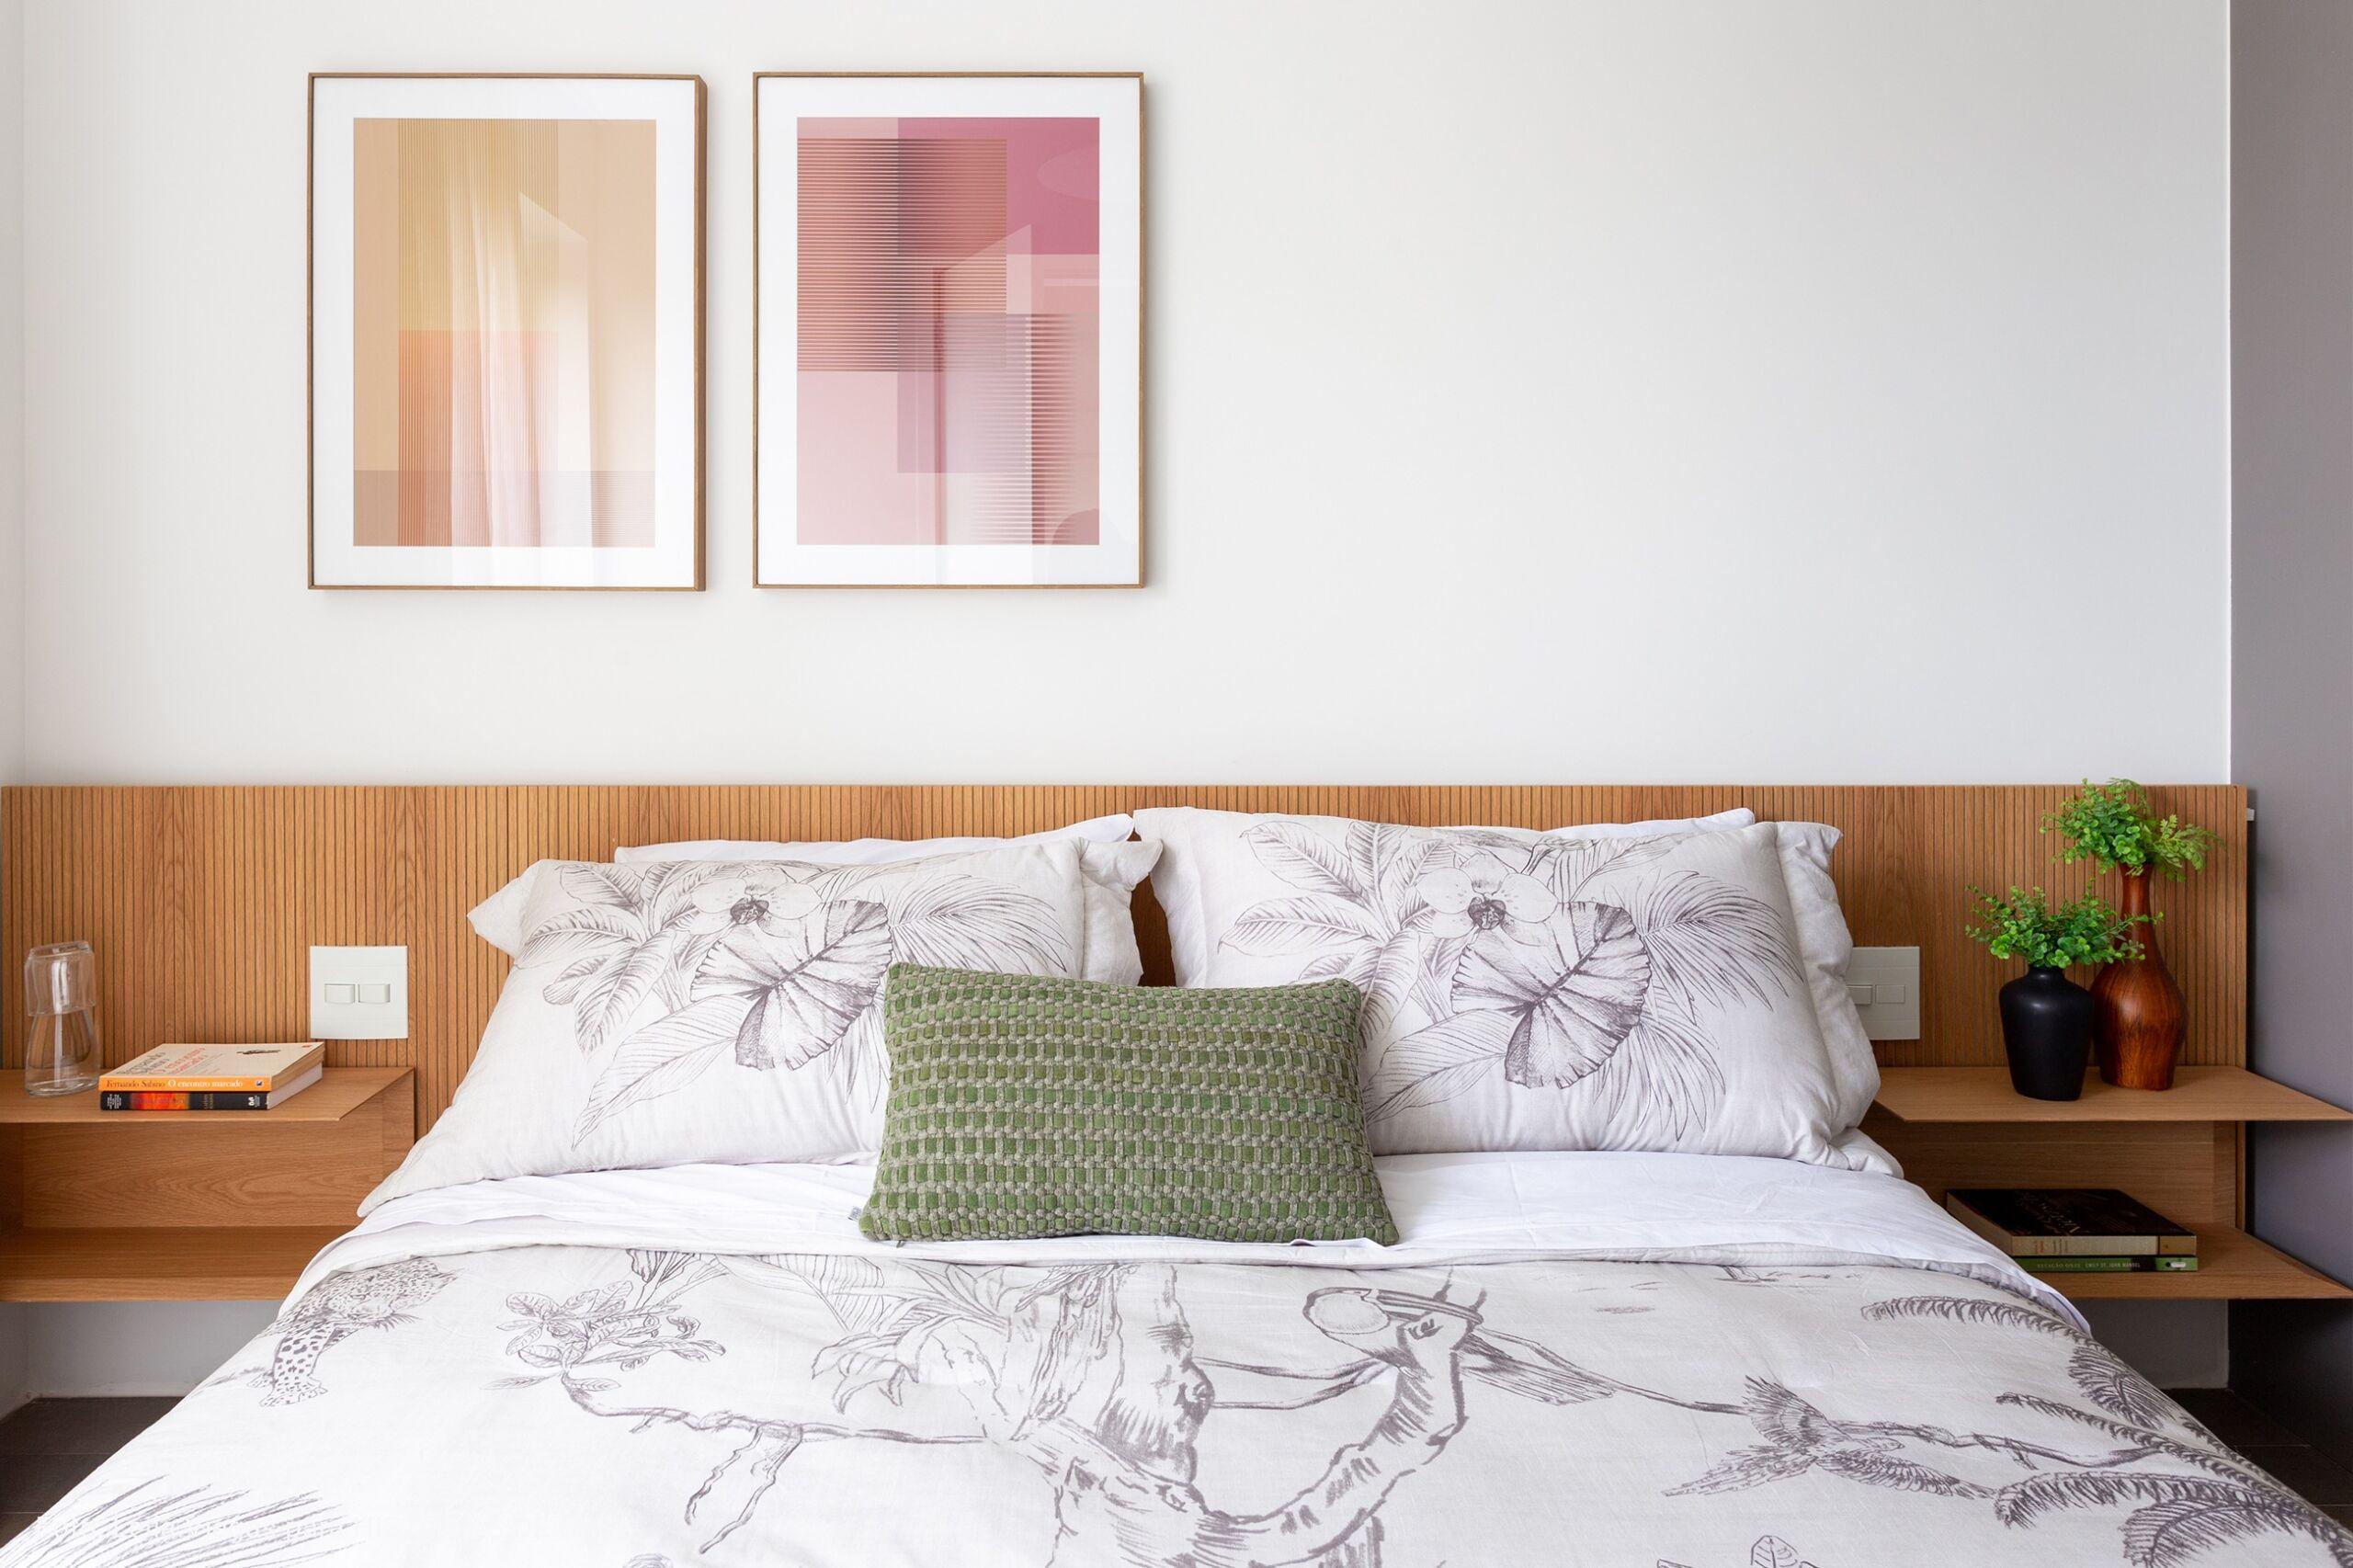 quarto com quadros minimalistas